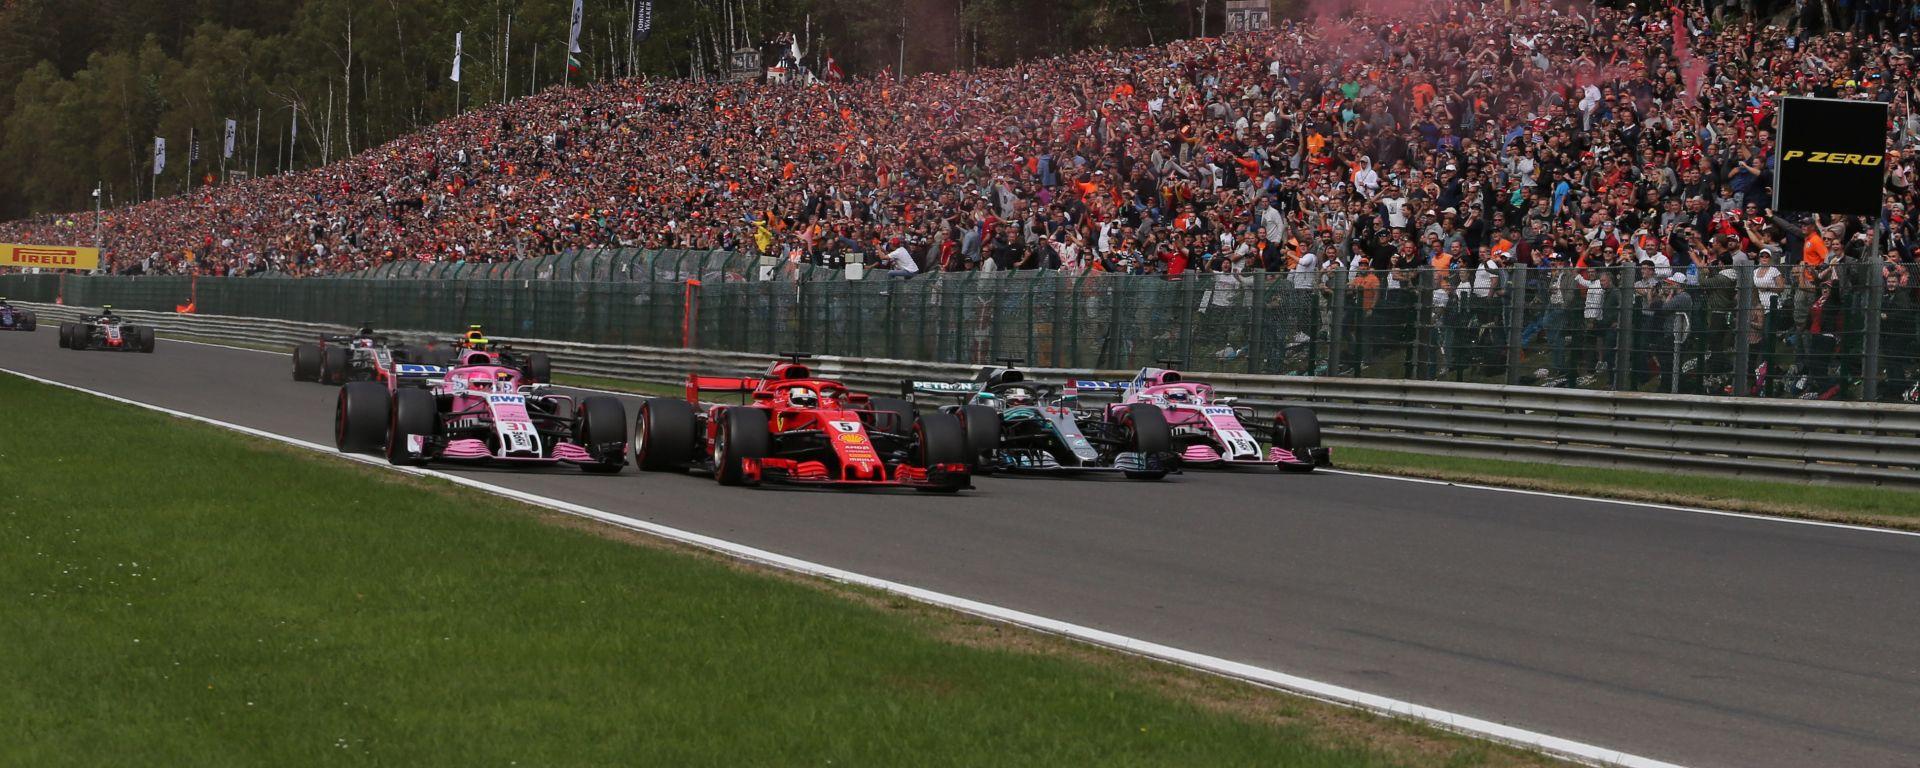 F1 GP Belgio, Spa-Francorchamps: la partenza della gara del 2018